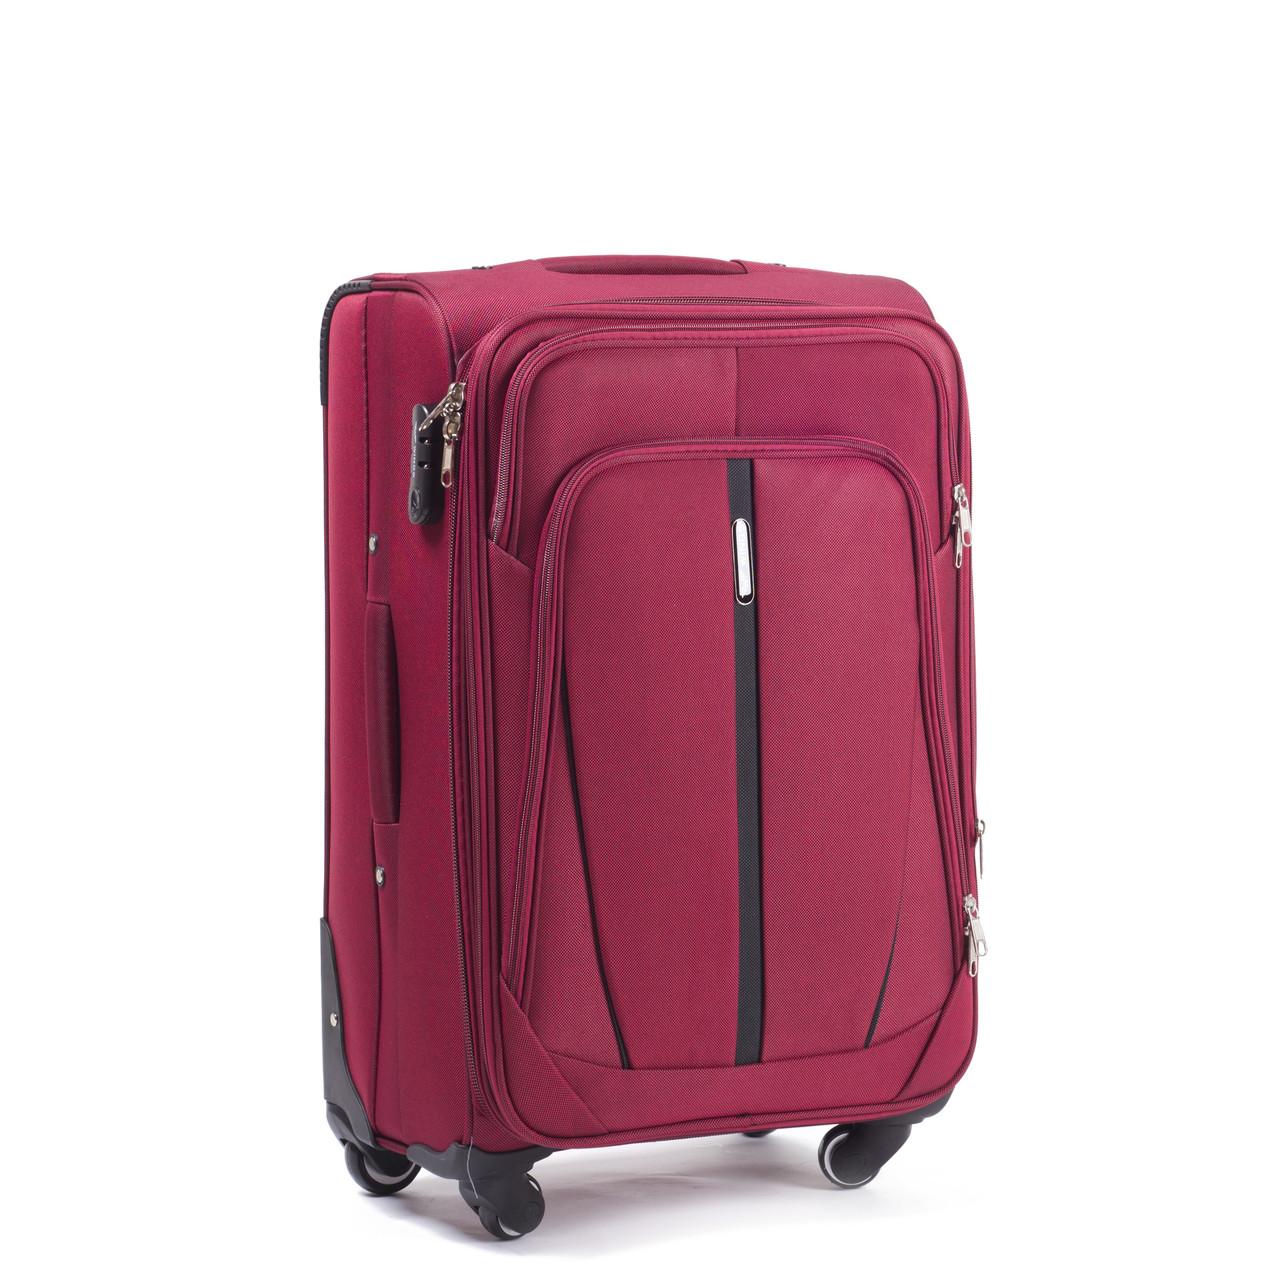 Большой тканевый чемодан Wings 1706 на 4 колесах  продажа, цена в ... 8eafc8321bd